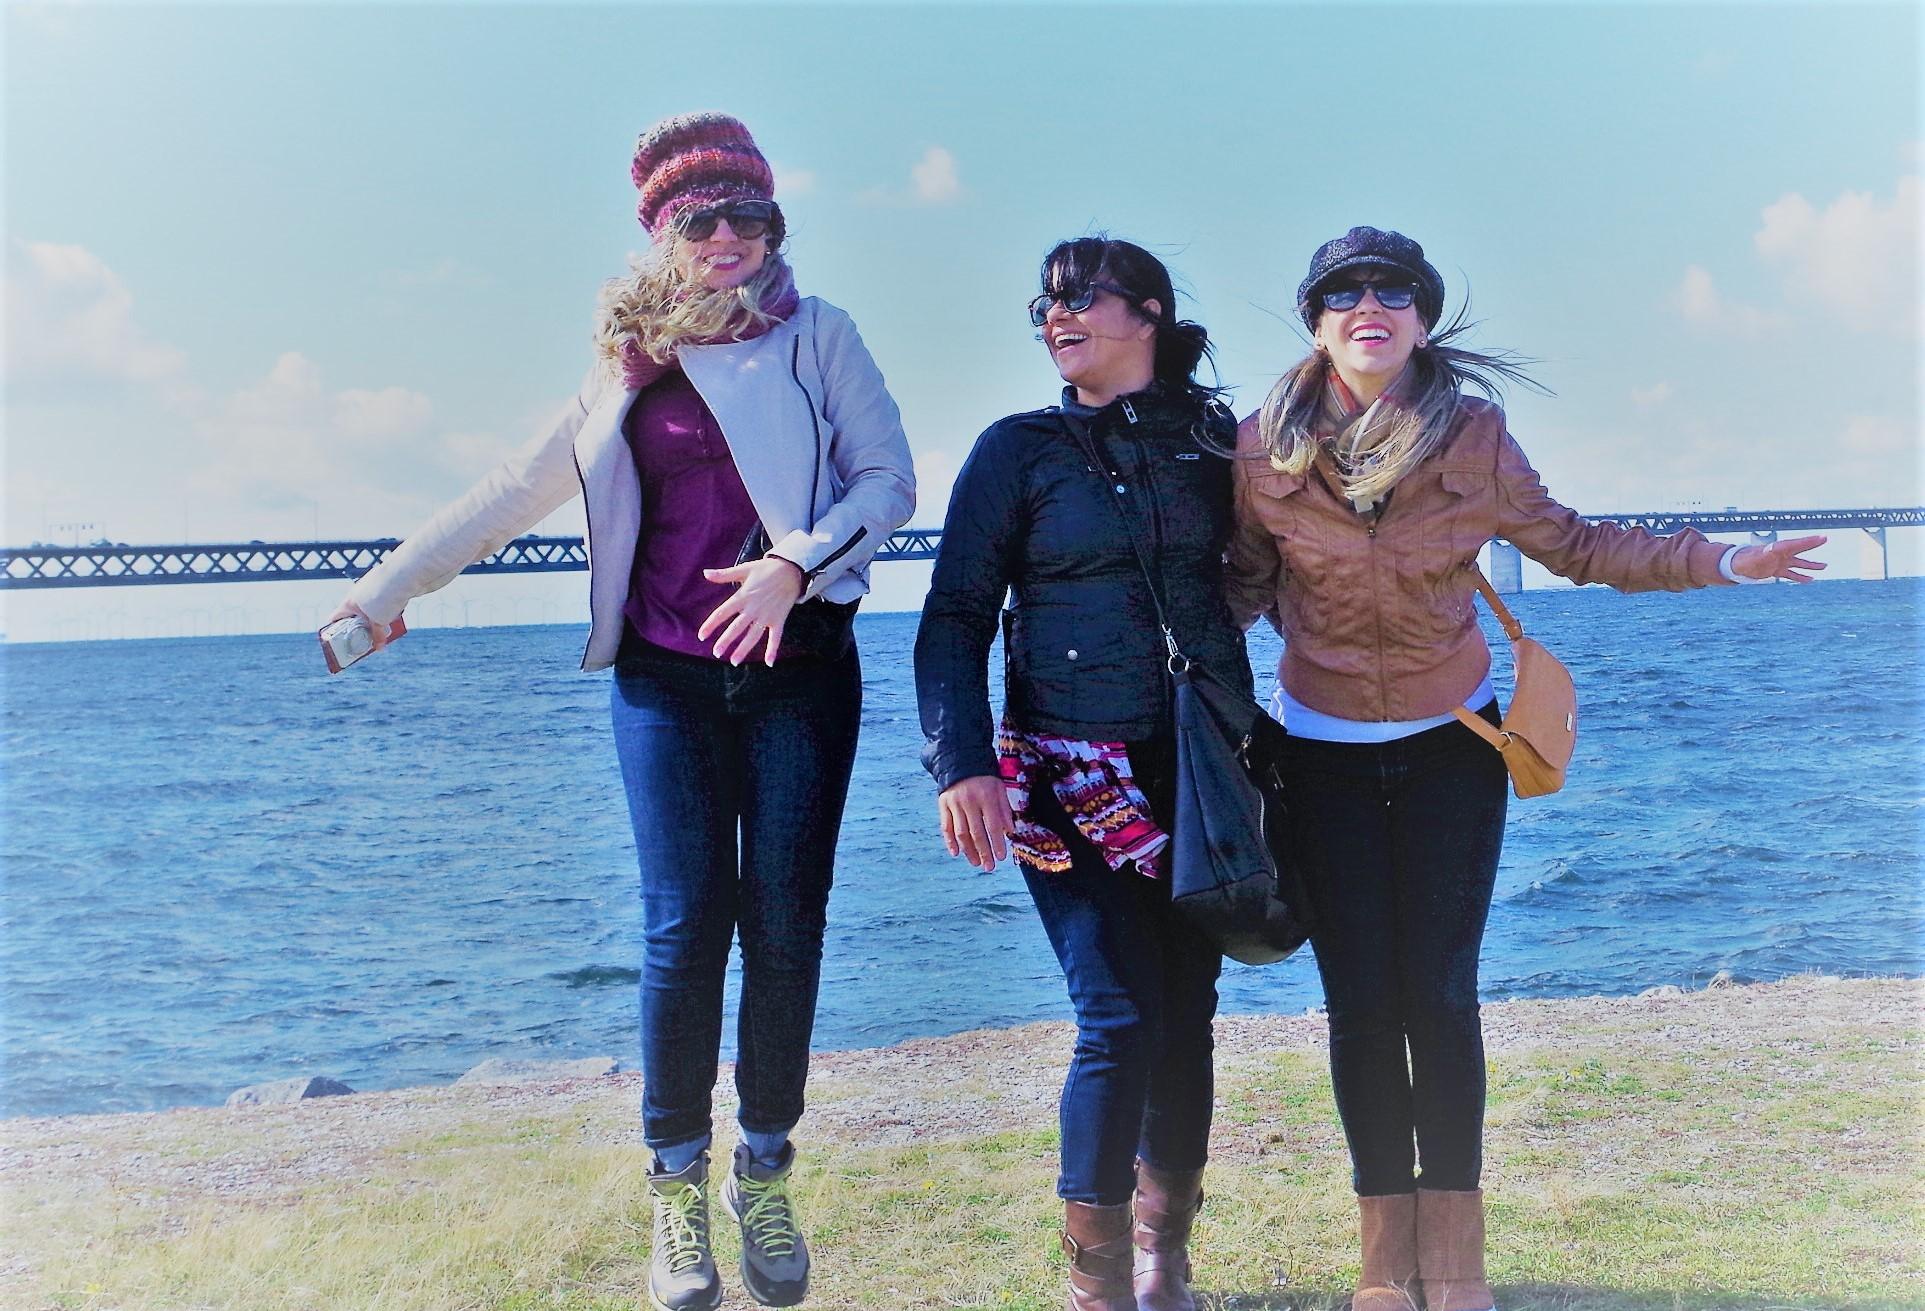 liberdade-e-pular-pelado-no-mar-da-suecia